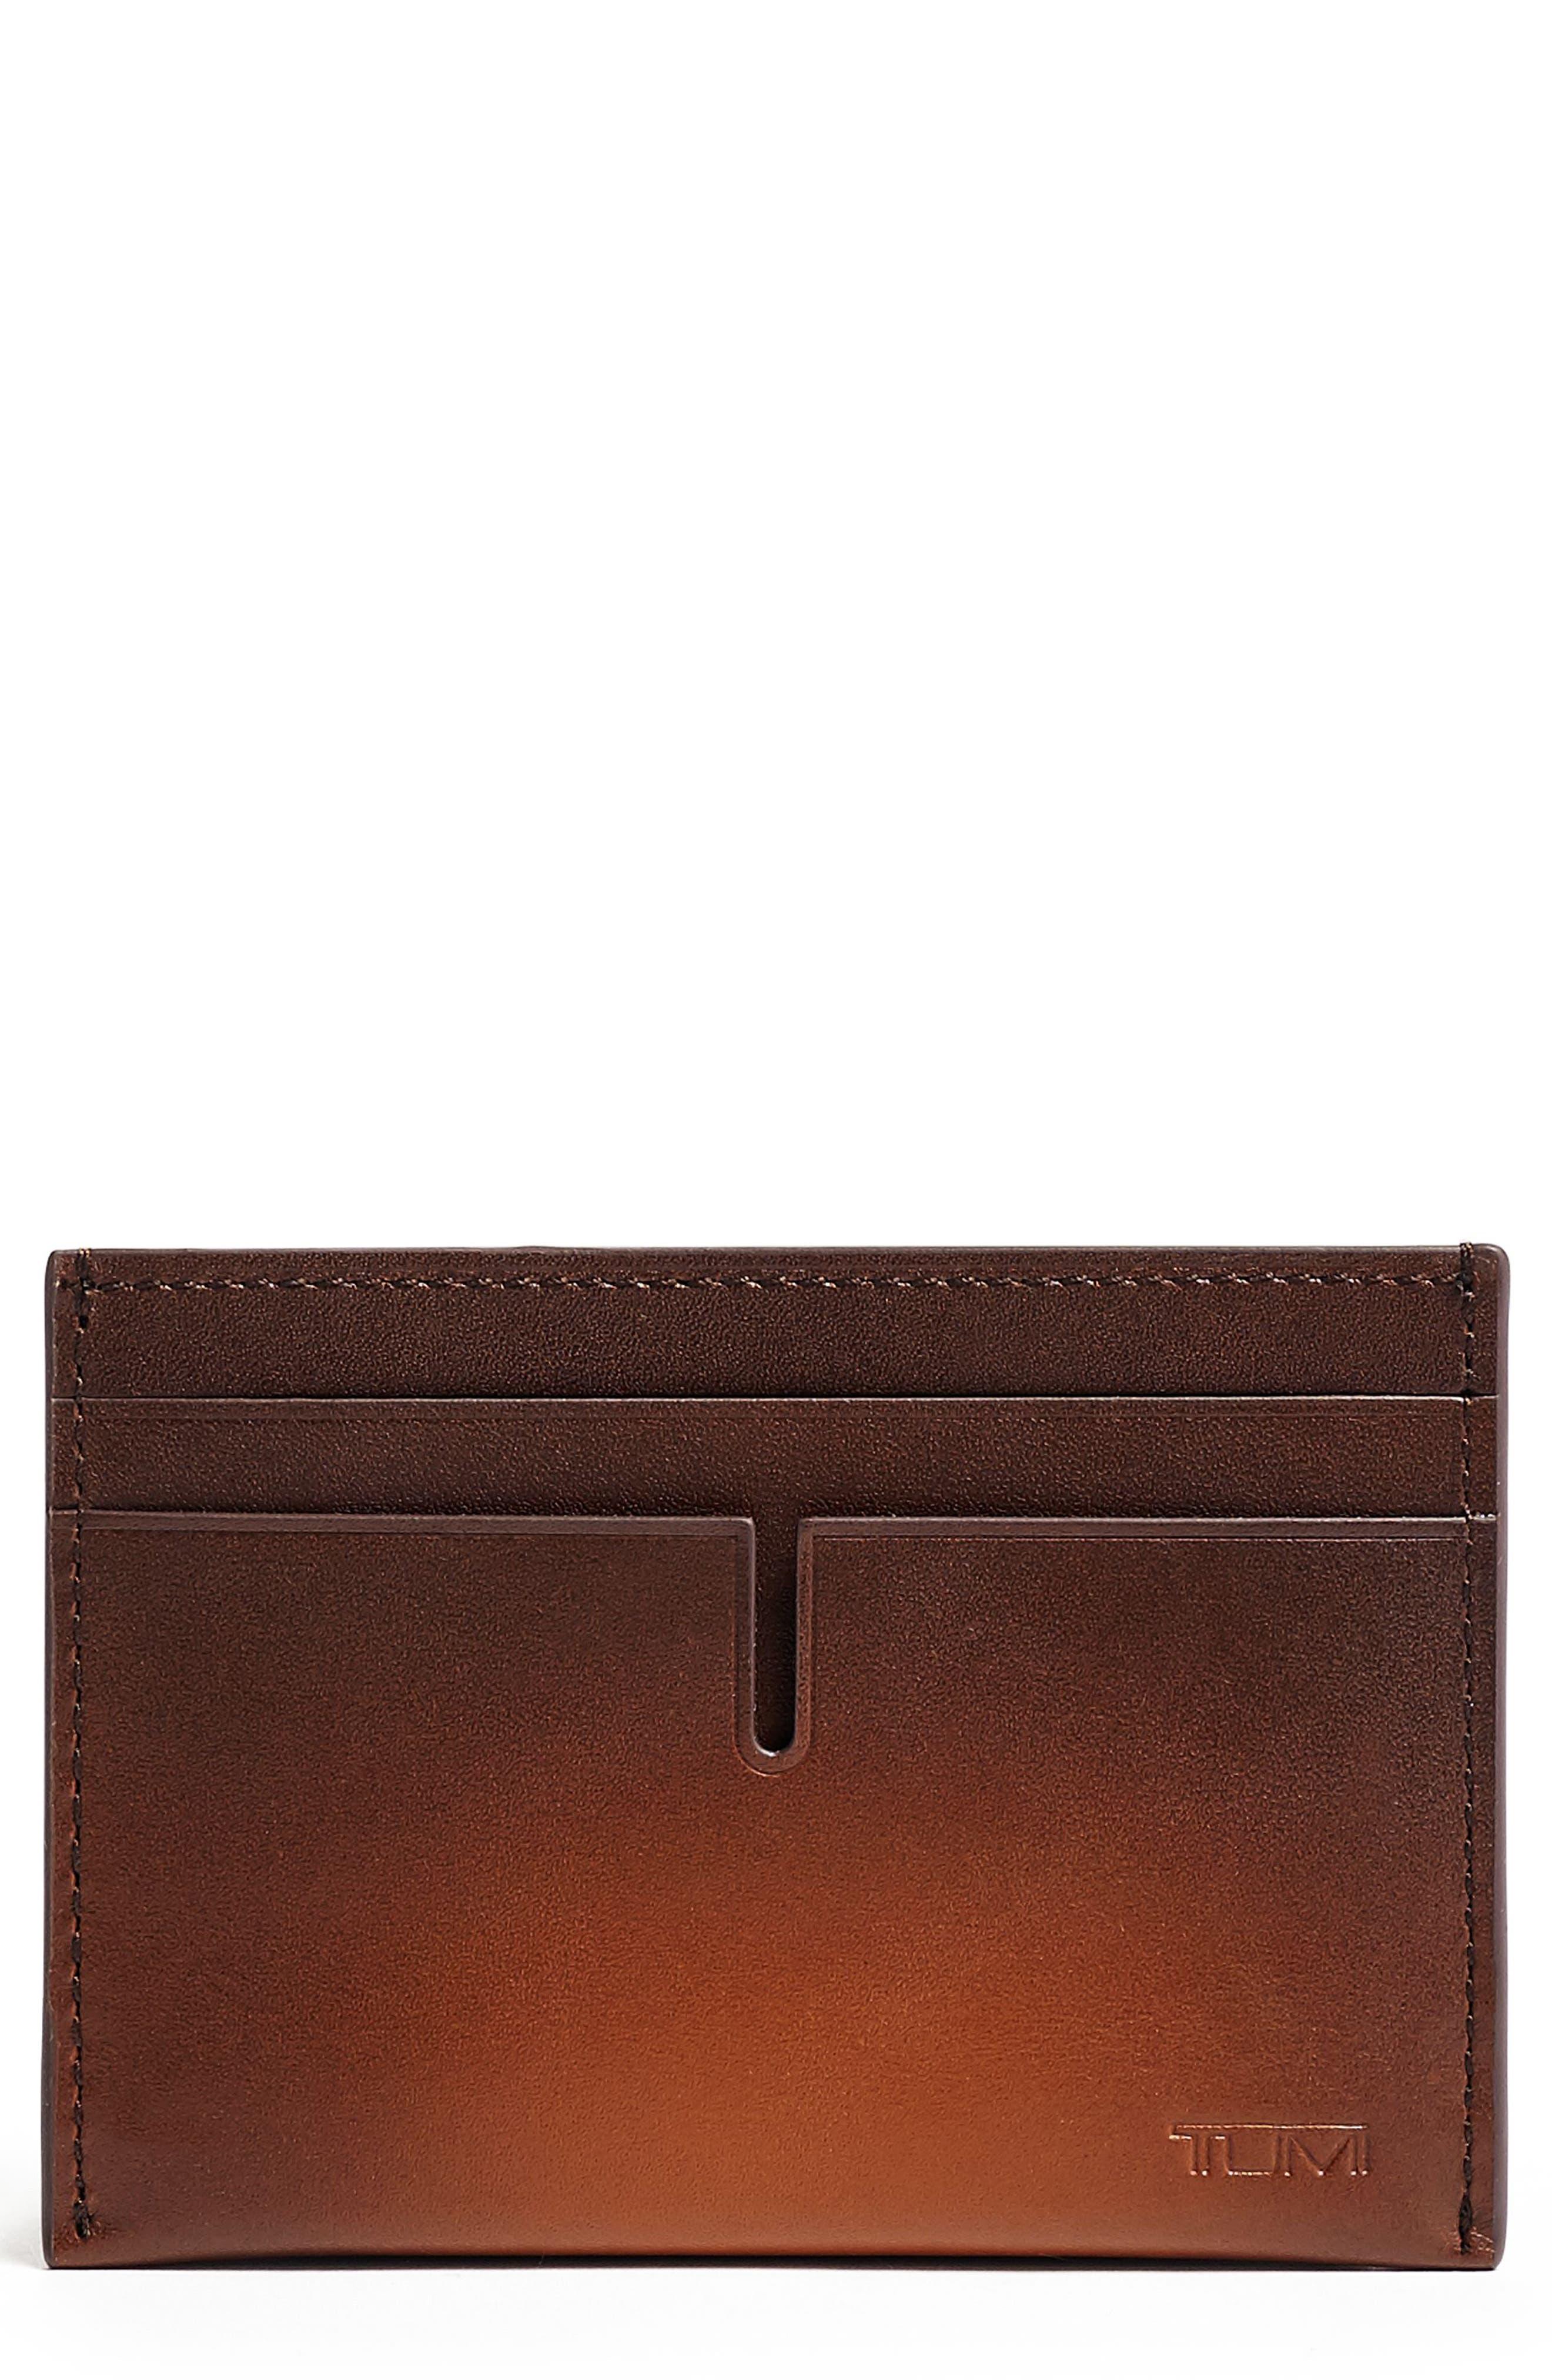 TUMI, Nassau RFID Leather Card Case, Main thumbnail 1, color, WHISKEY BURNISHED